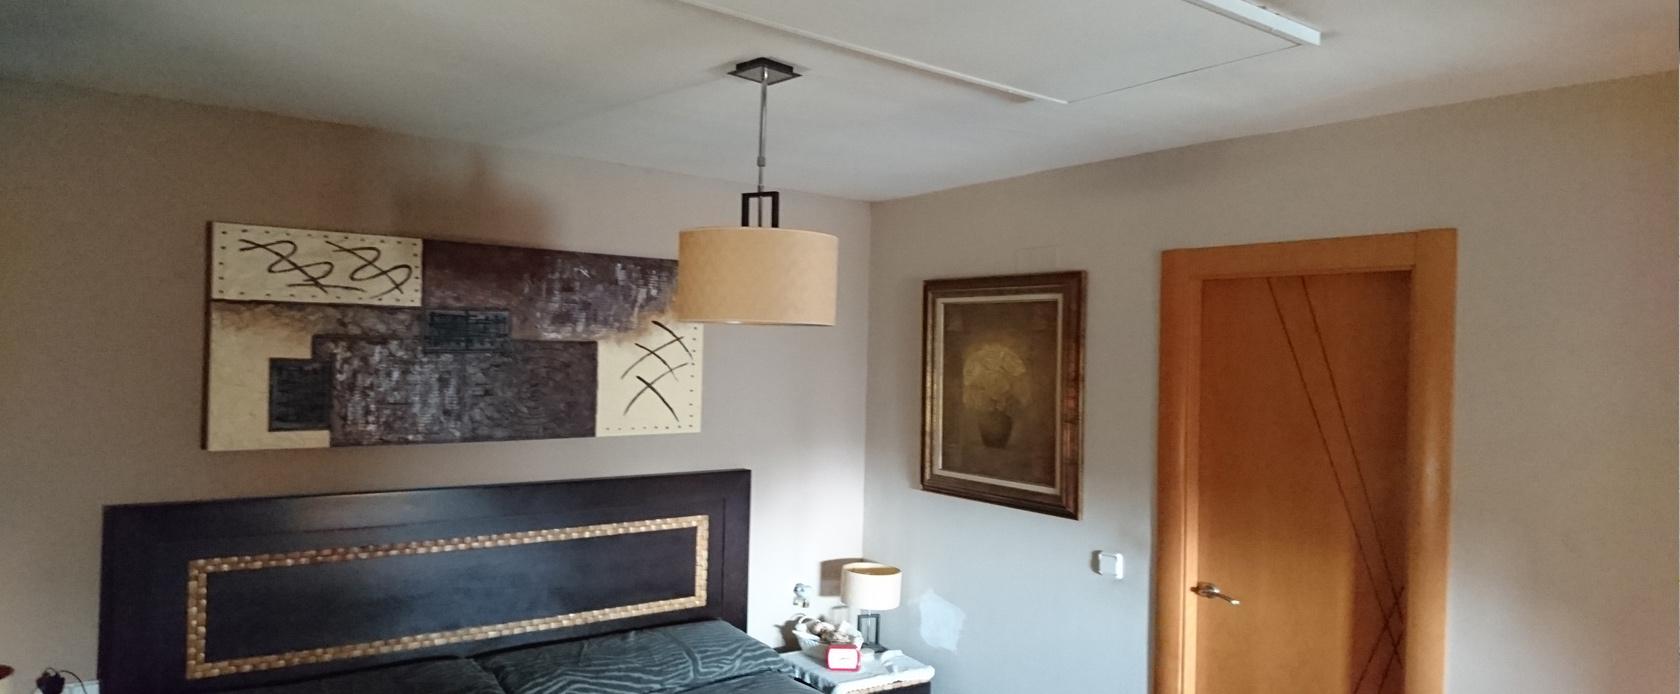 calefaccion-interior-dormitorio